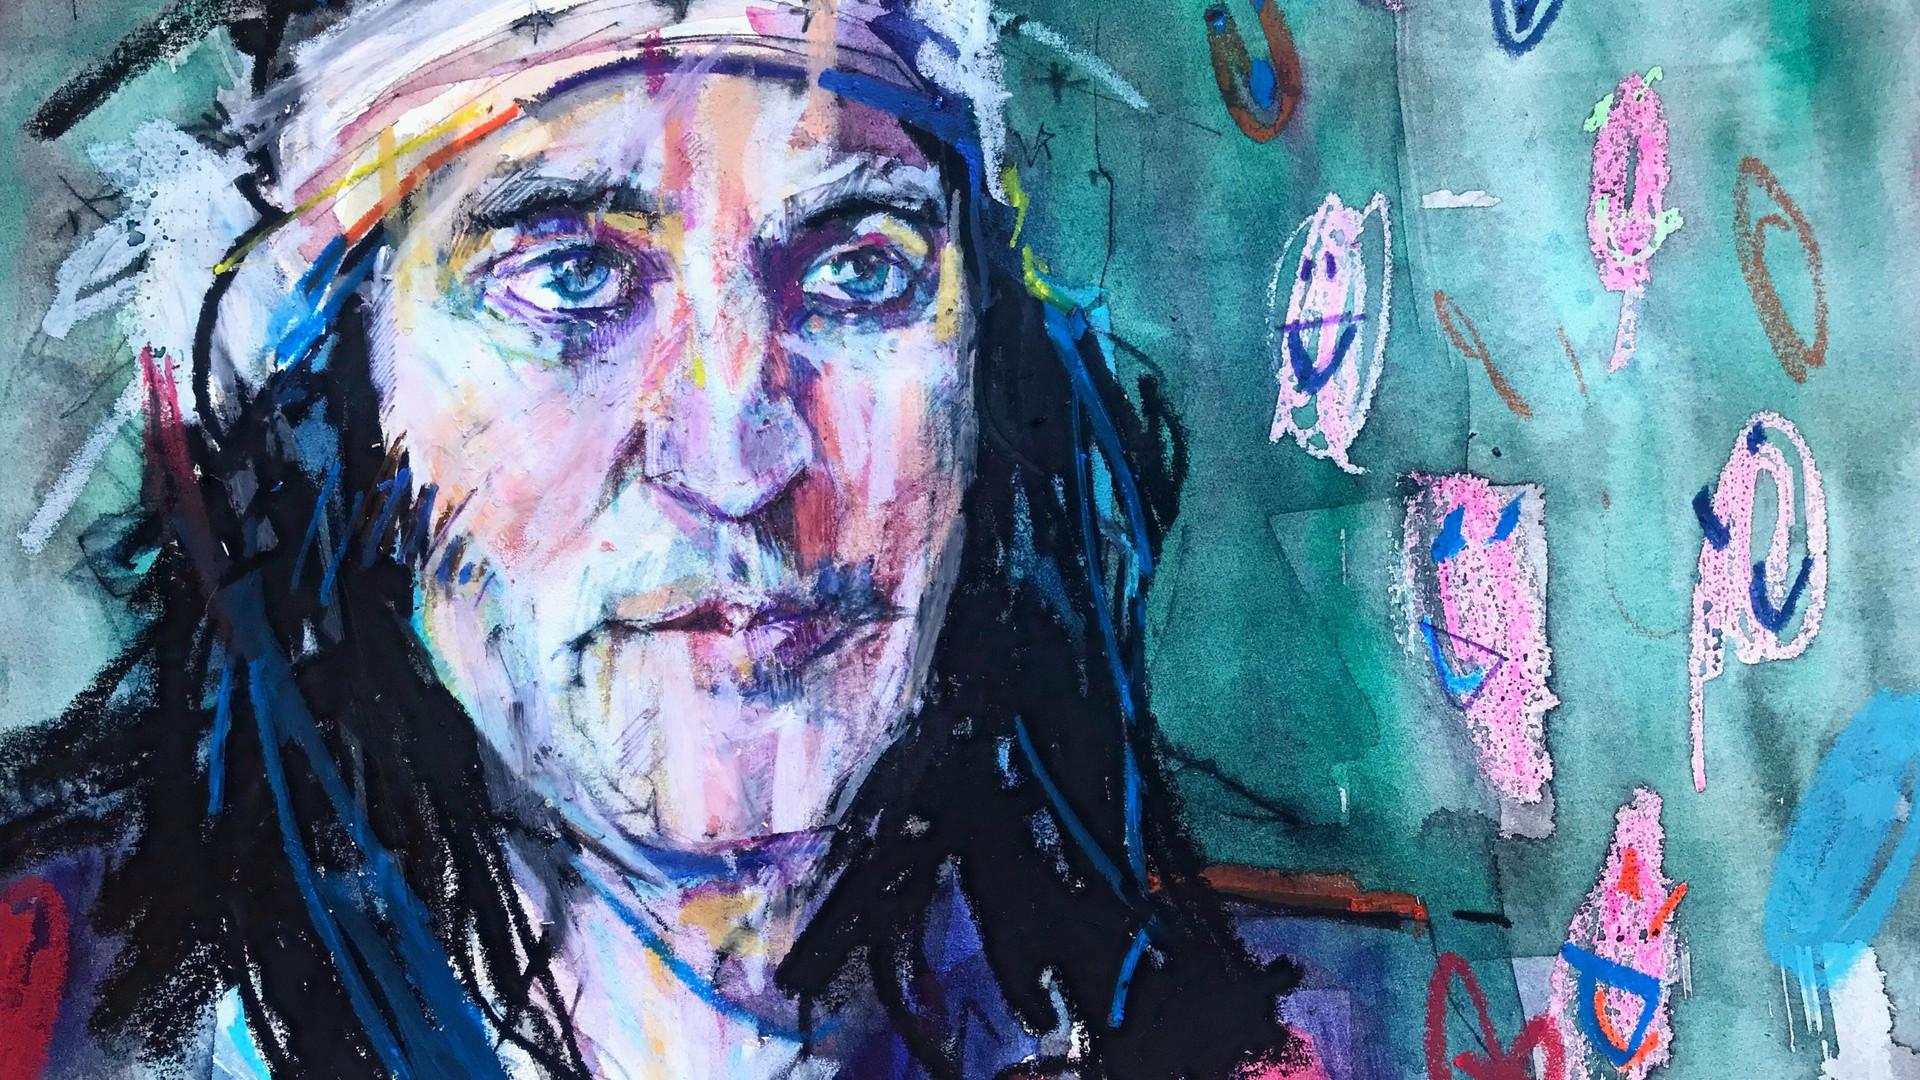 Portrait of Noel Fielding